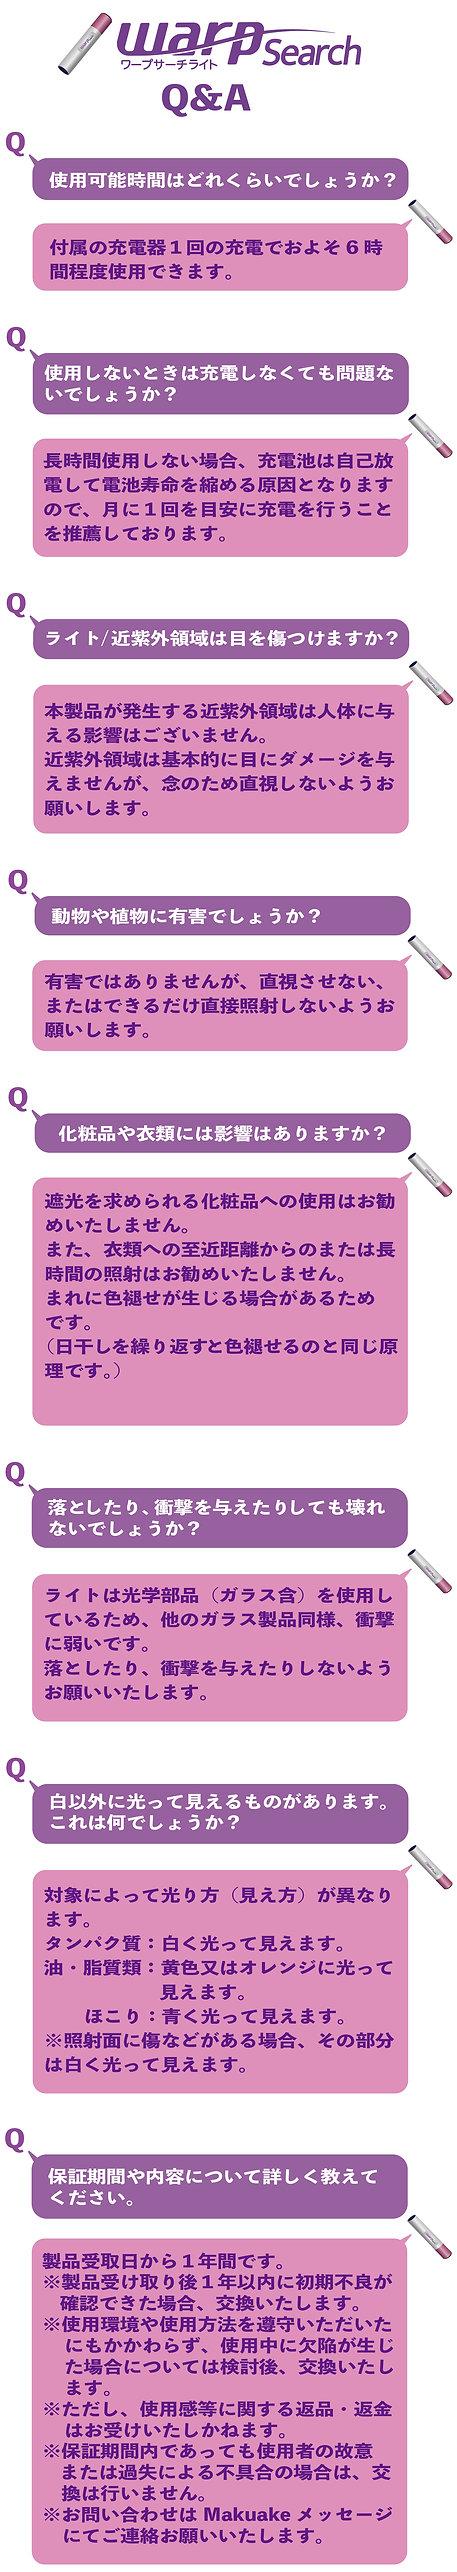 search_QandA_0308.jpg